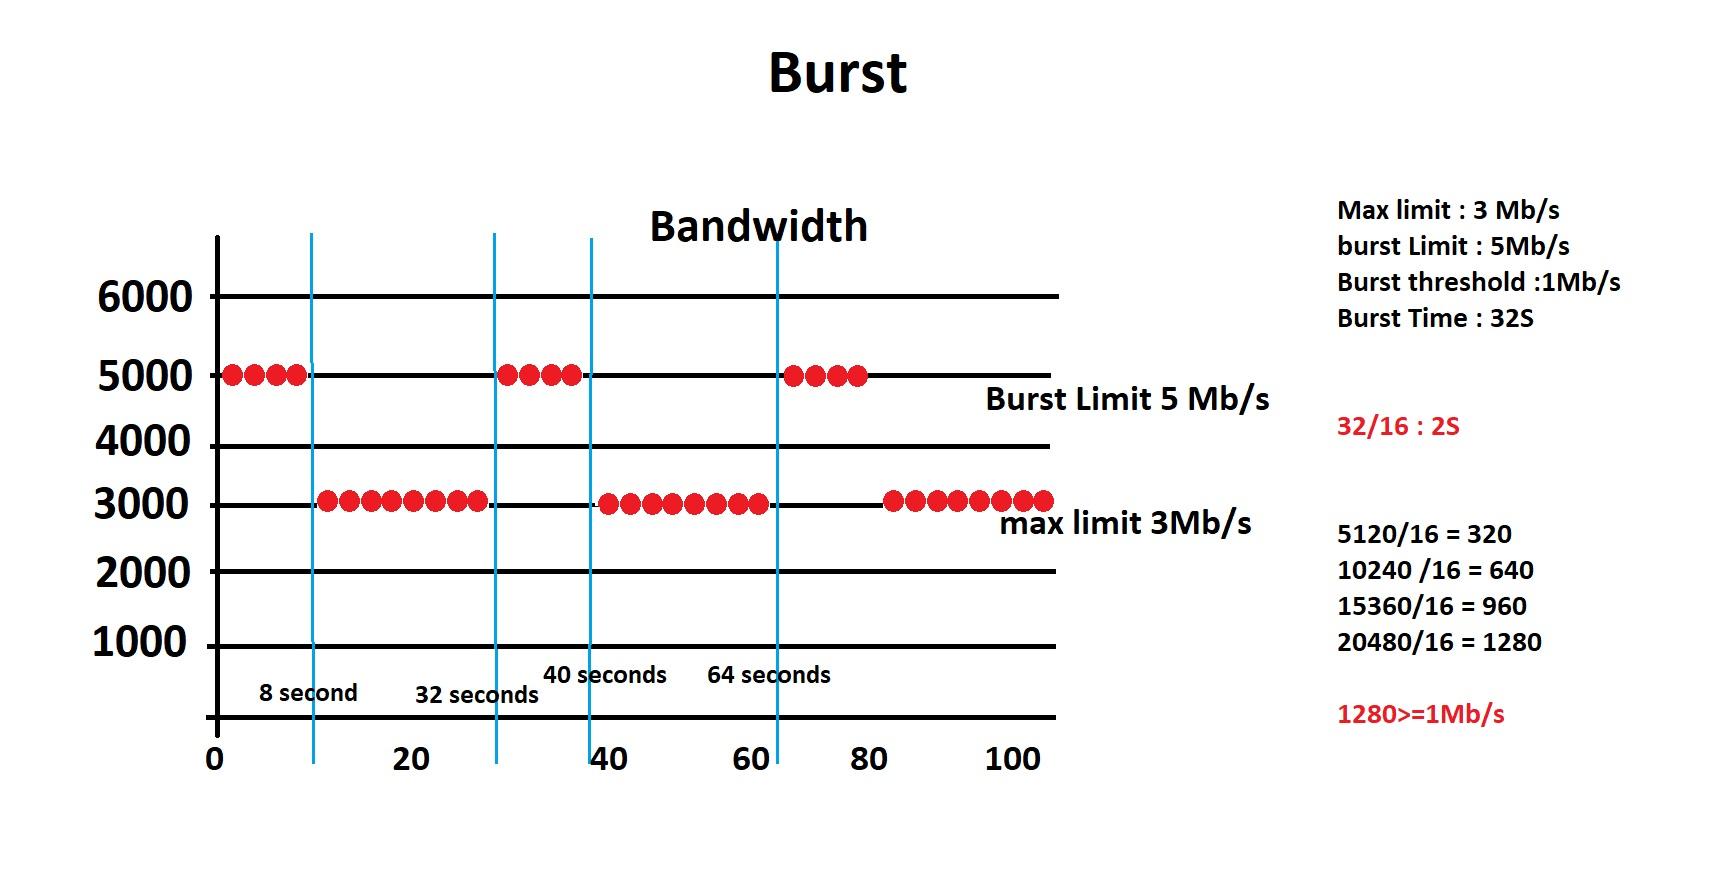 ما در سناریوی بالا یک Max limit داریم با سرعت 3Mb/s یک Burst Limit داریم با سرعت 5Mb/s و یک Burst thershold داریم با سرعت 1Mb/s و یک Burst time با عدد 32 ثانیه .